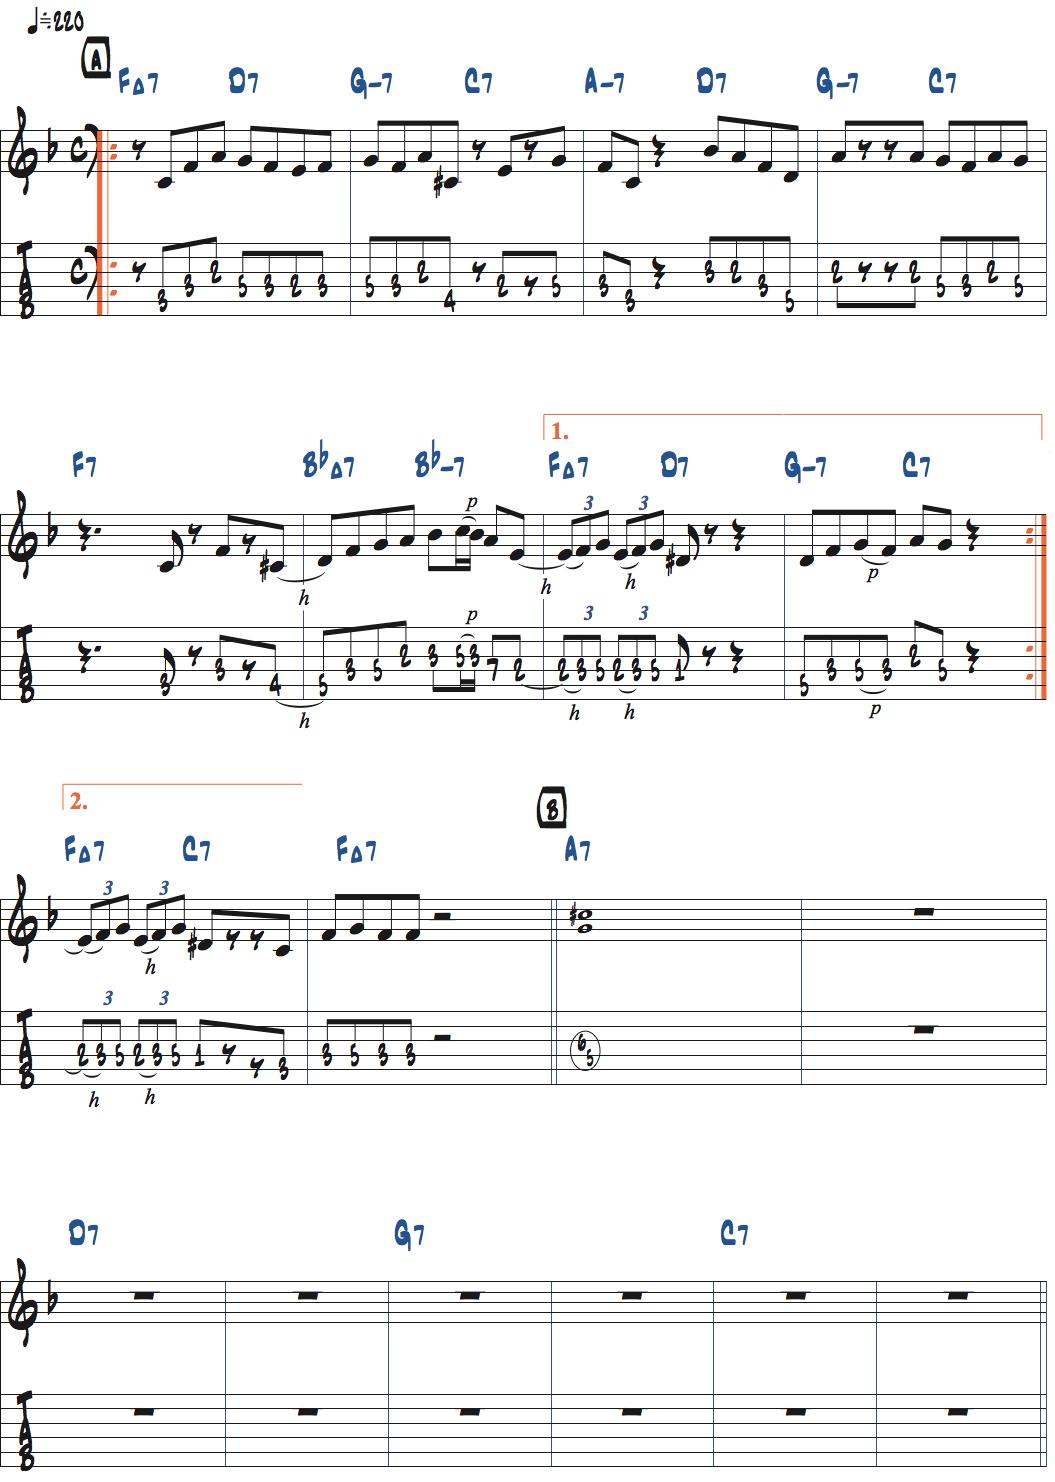 ピーターバーンスタインのDexterity前テーマ・メロディ楽譜ページ1